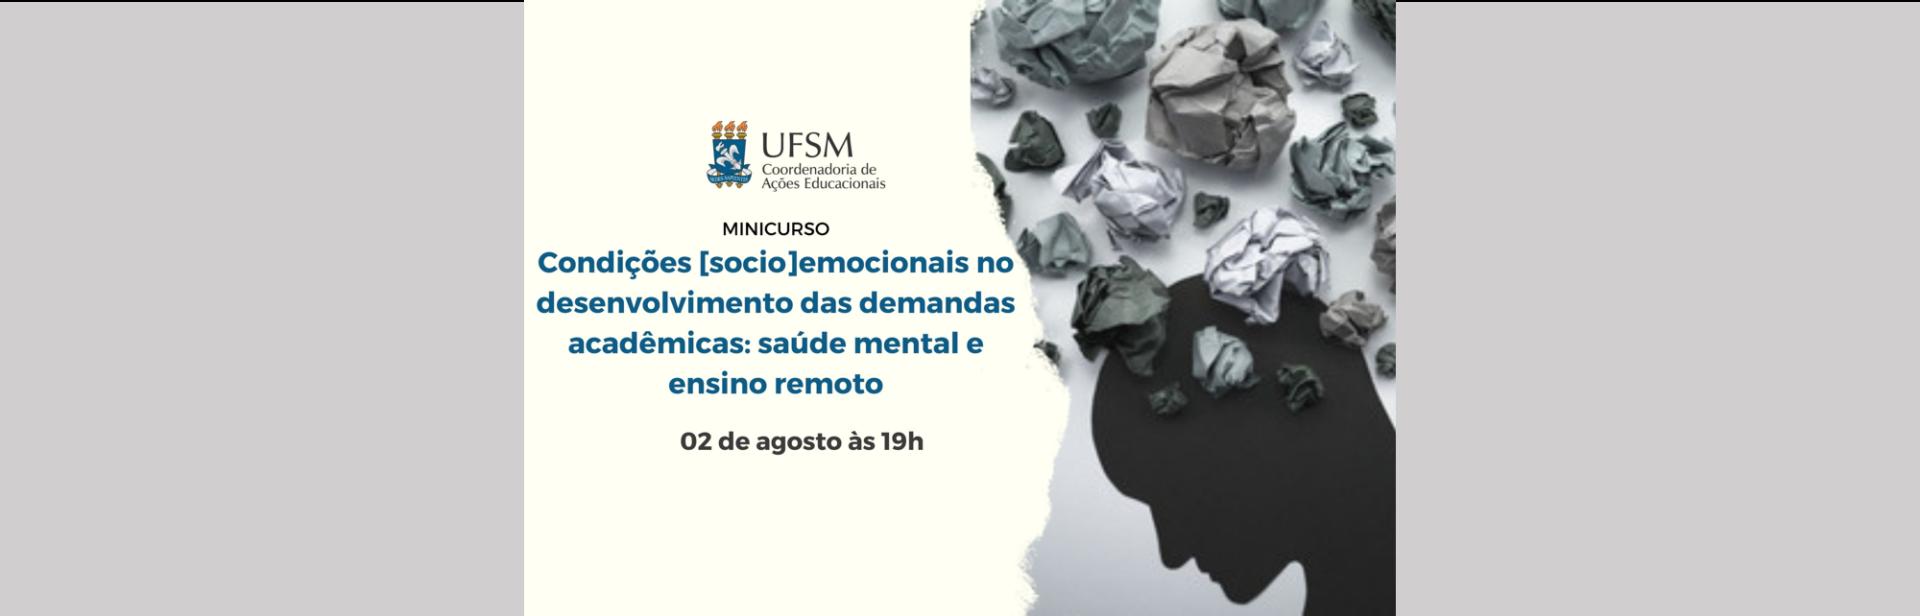 Condições sócioemocionais no desenvolvimento das demandas acadêmicas: saúde mental e ensino remoto